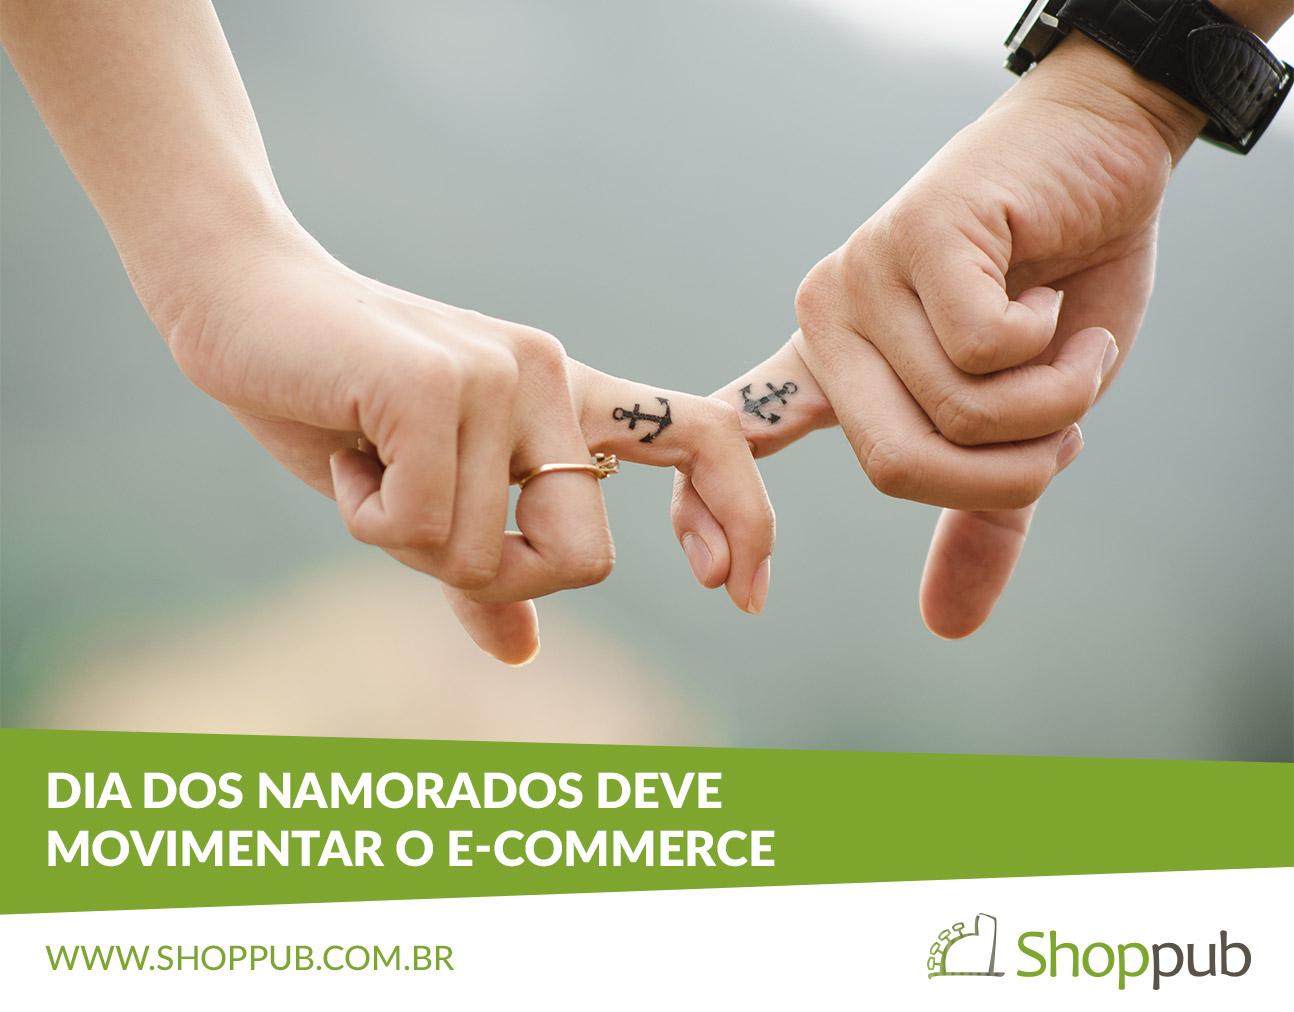 Dia dos namorados deve movimentar o e-commerce